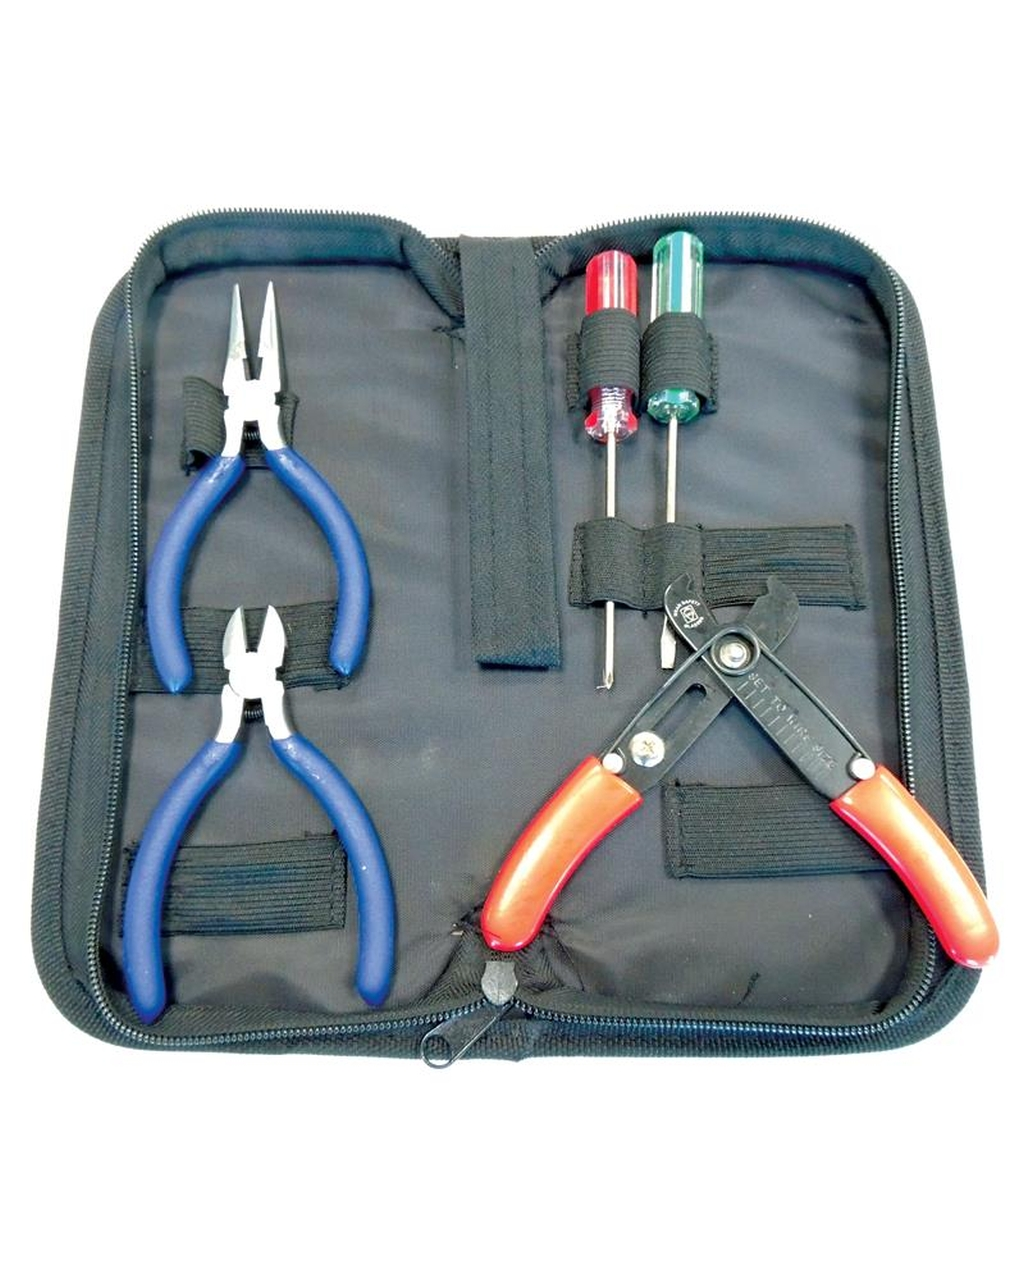 Basic Electronics Tool Kit